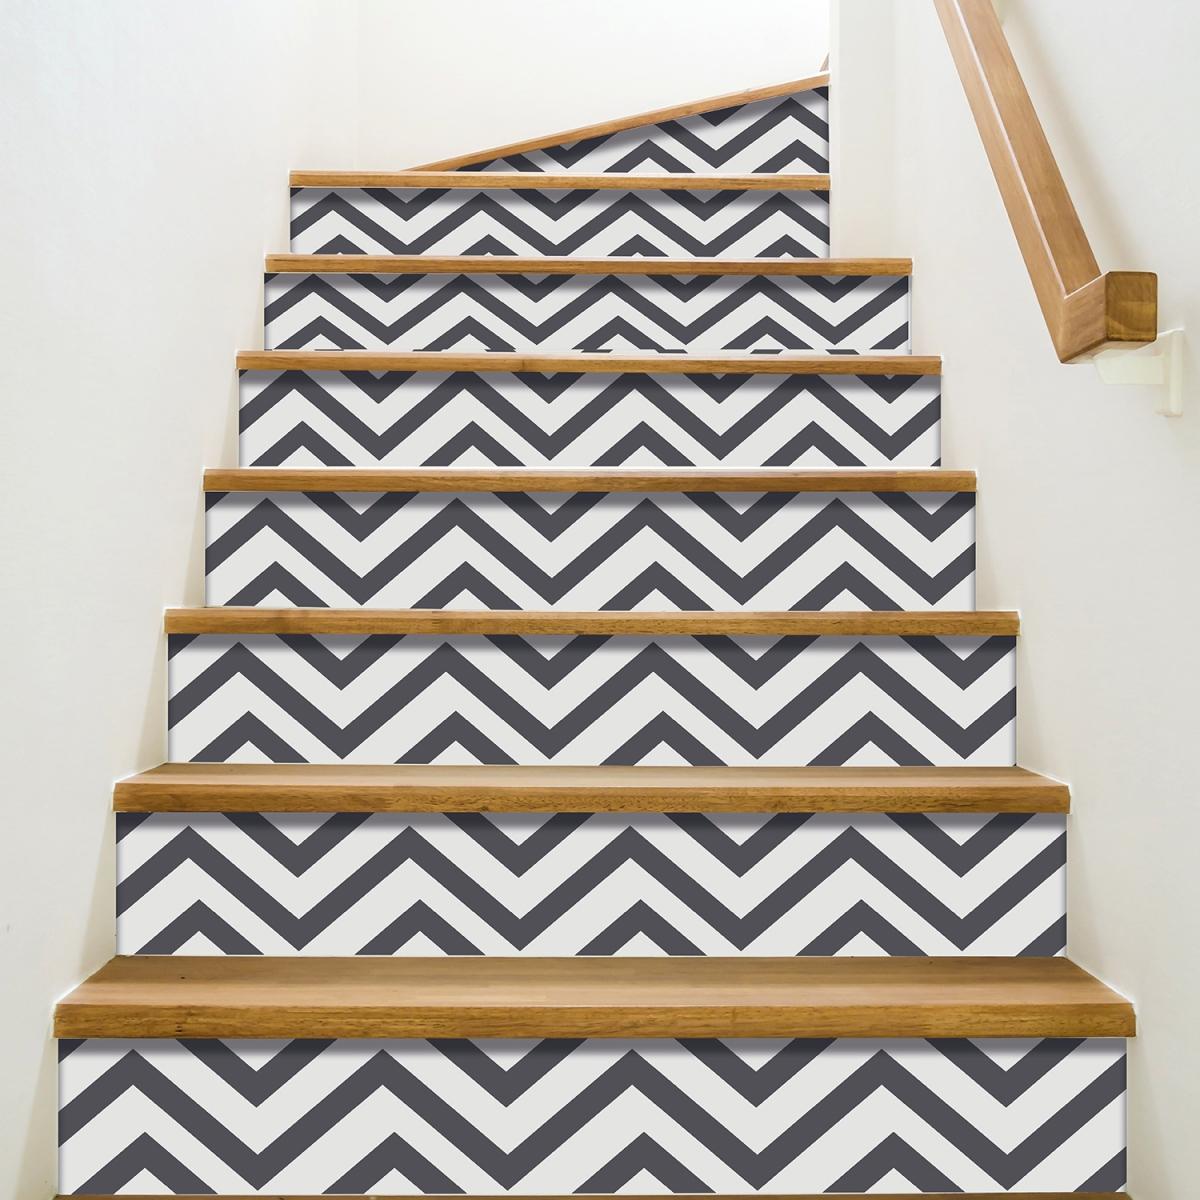 Déco d'escalier avec stickers pour contremarches d'escaliers larges chevrons gris foncés